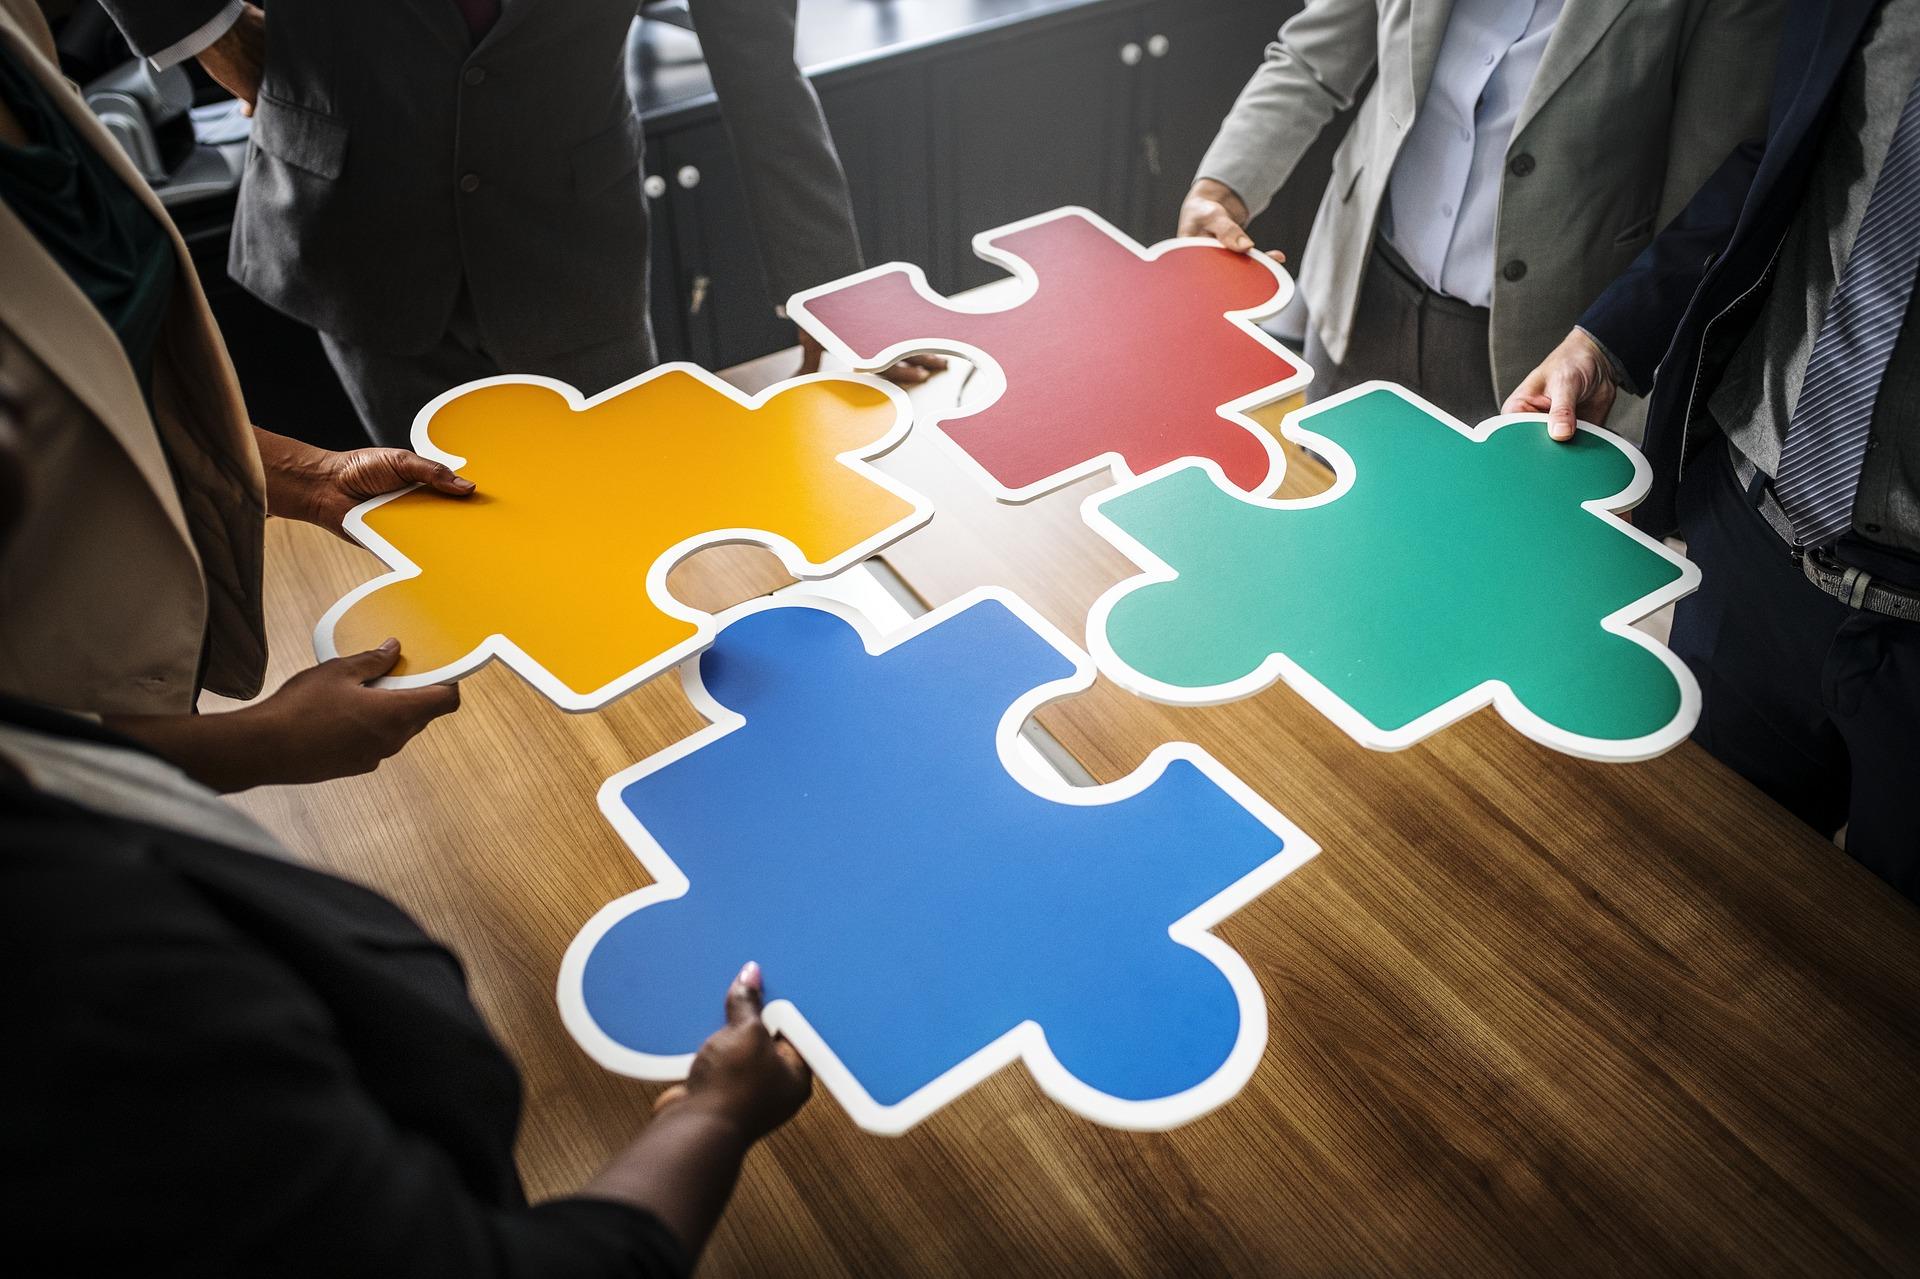 Quatre personnes tiennent chacune la pièce d'un puzzle et les assemblent sur une table.